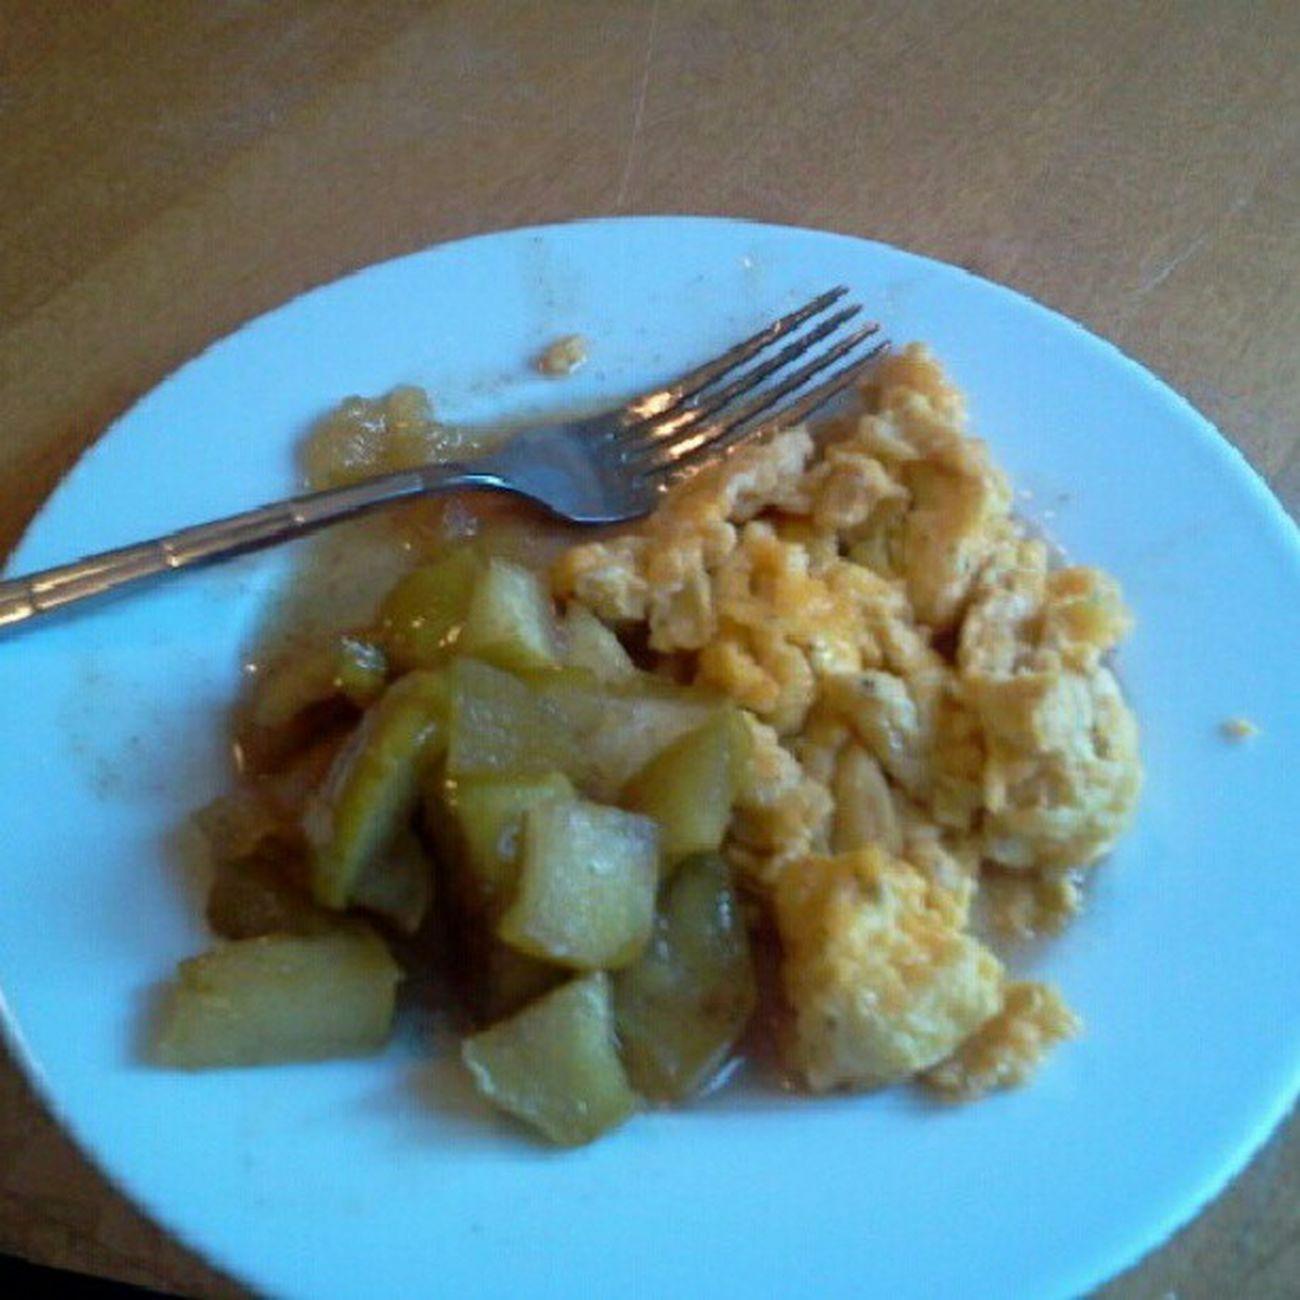 Fried apples and eggs Breakfastflow